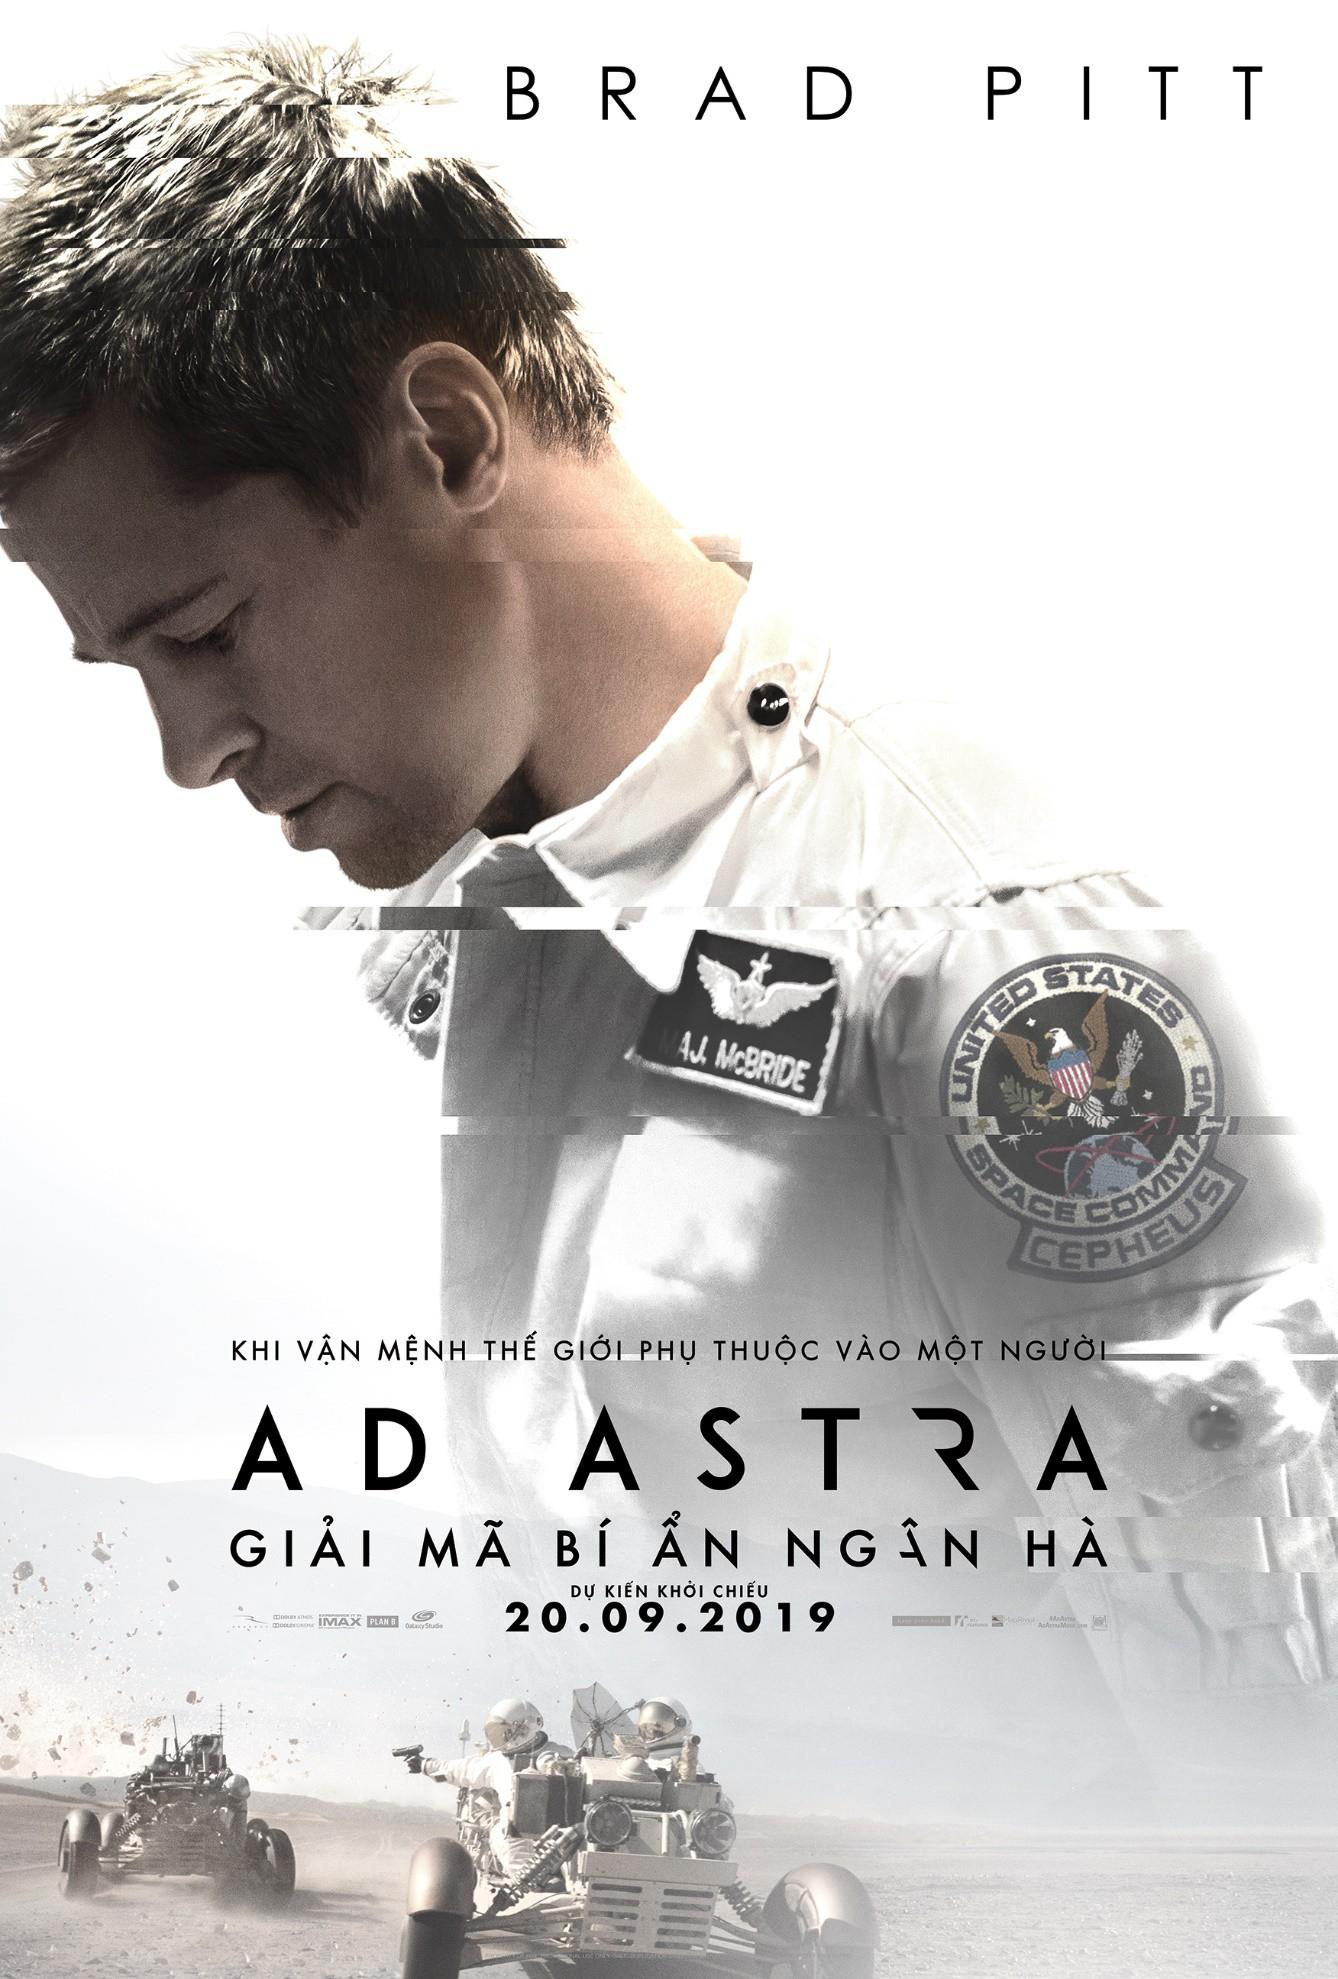 Ad Astra – Hành trình tìm cha trong không gian bí ẩn và kịch tính của Brad Pitt - Ảnh 6.